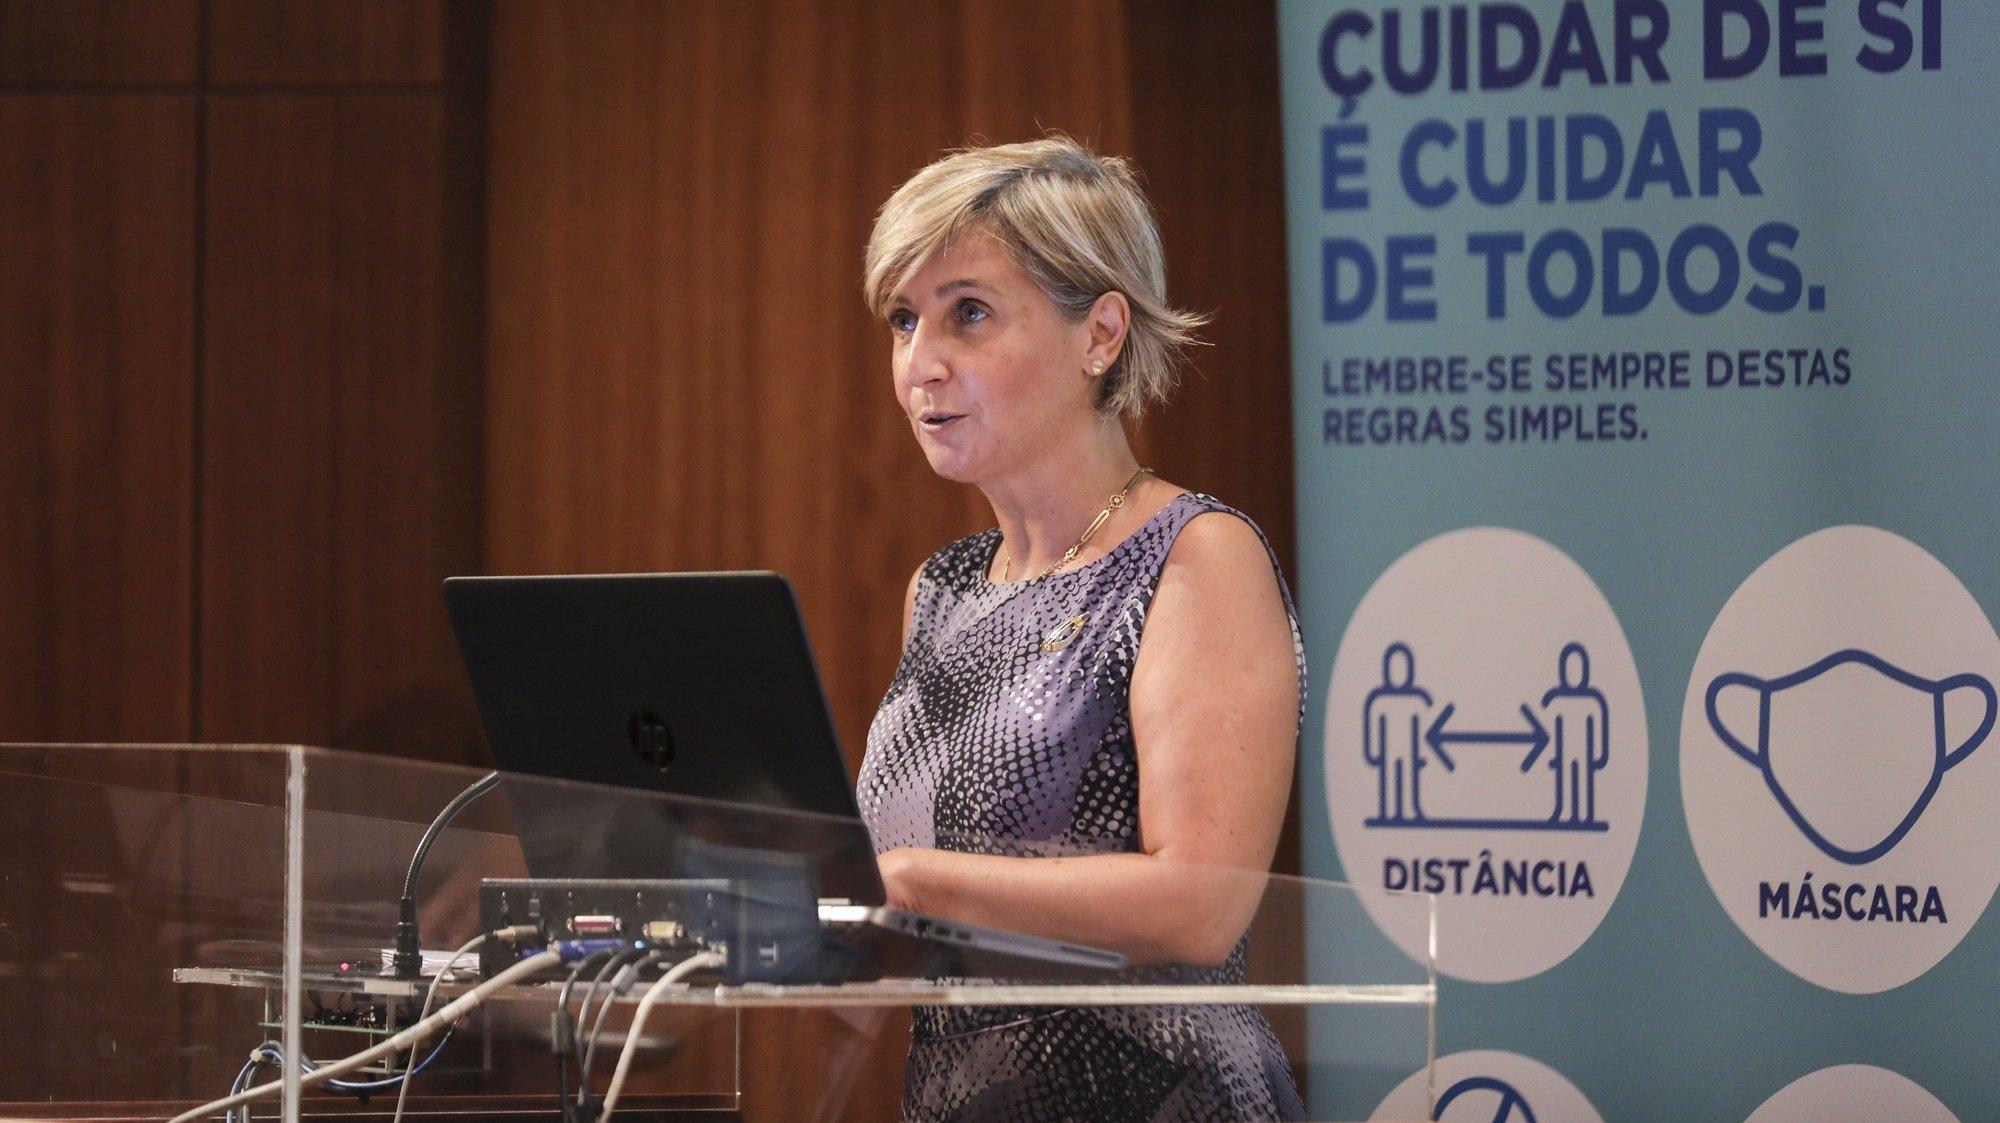 A ministra da Saúde, Marta Temido intervém na 23ª sessão sobre a evolução da Covid-19 em Portugal no Infarmed, Lisboa, 16 de setembro de 2021. MIGUEL A. LOPES/LUSA